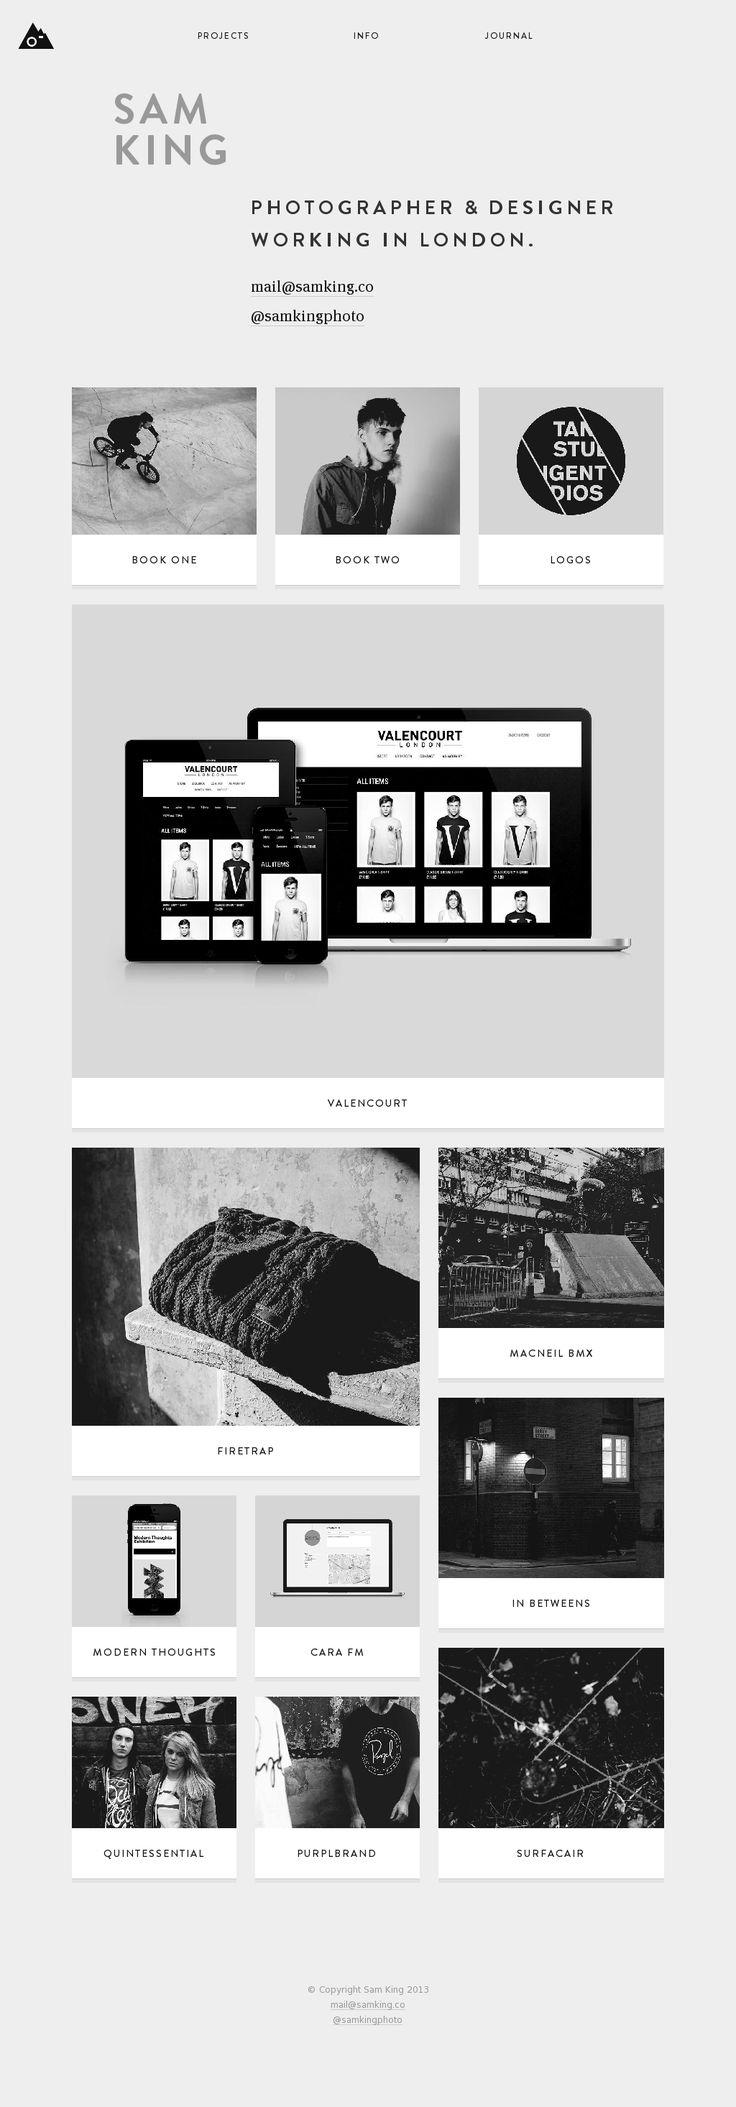 Photographer Sam King website http://samking.co #webdesign